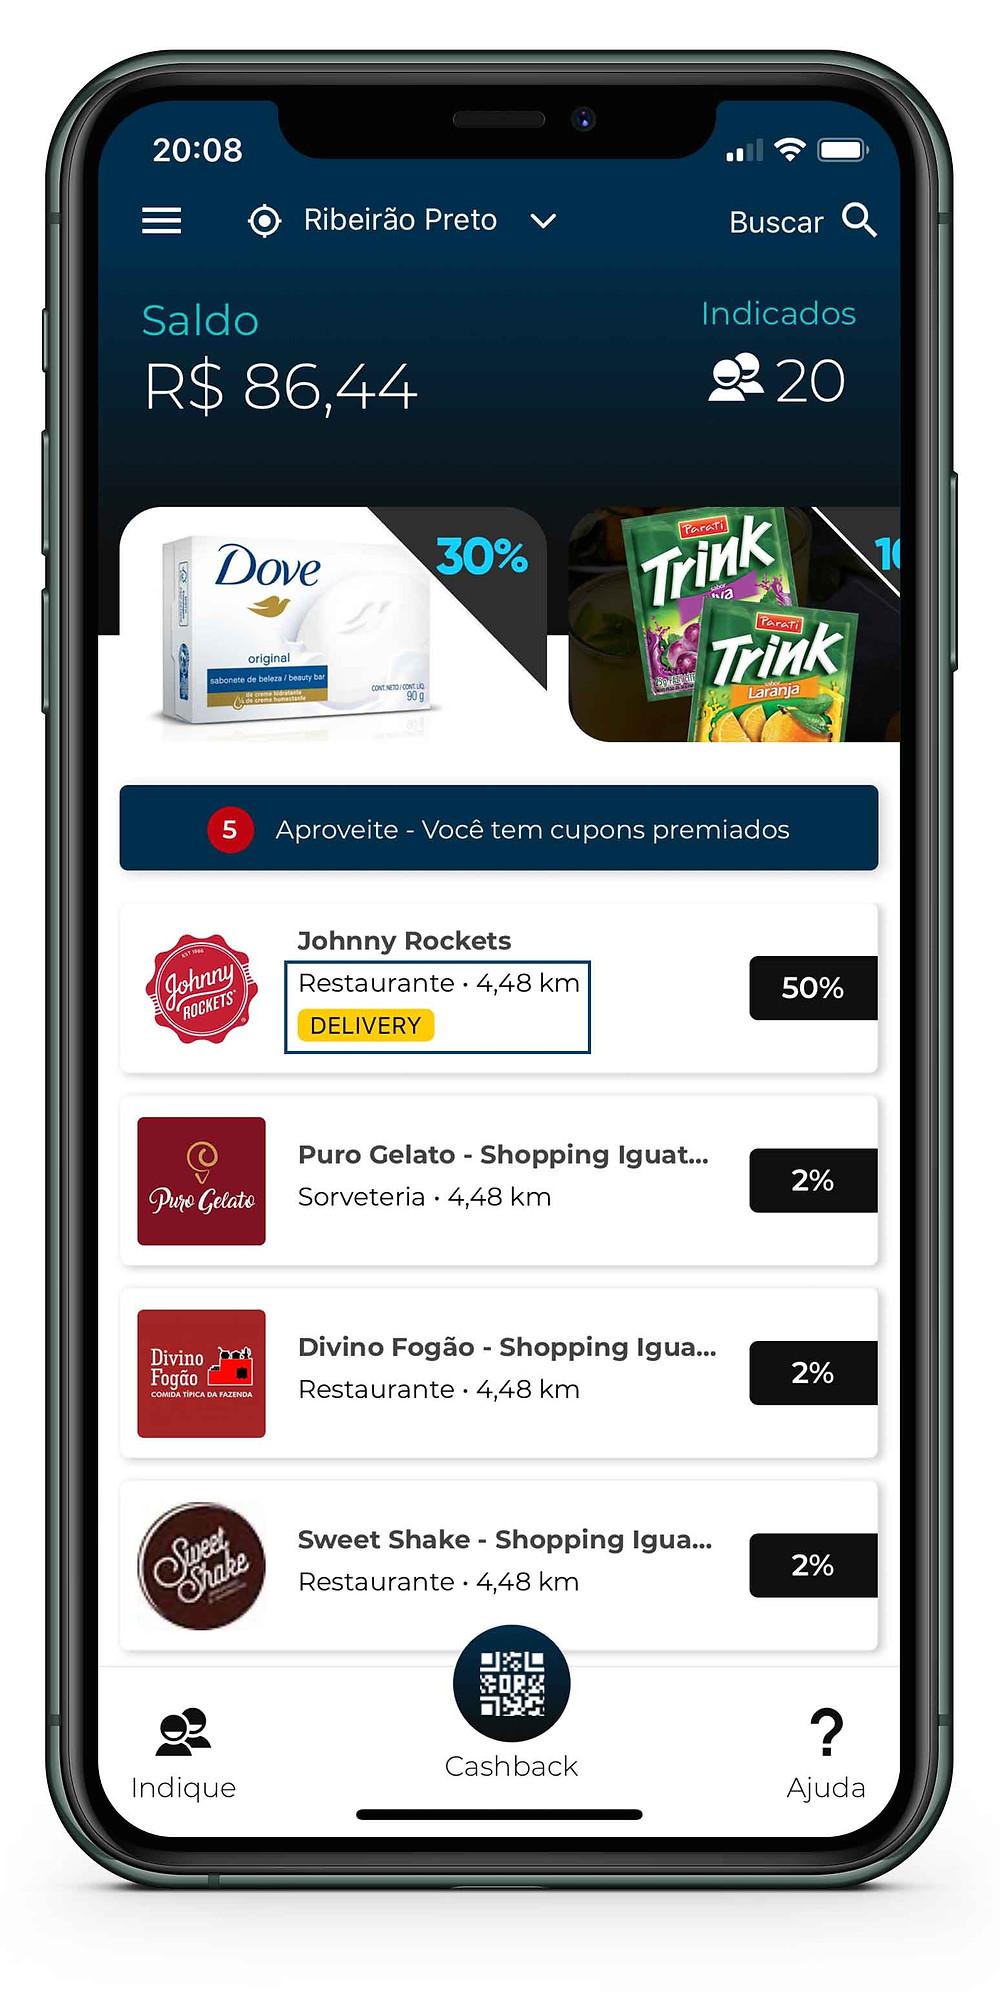 Pagina-Inicial-do-App-3cash-com-Geolocalizacao-e-Tag